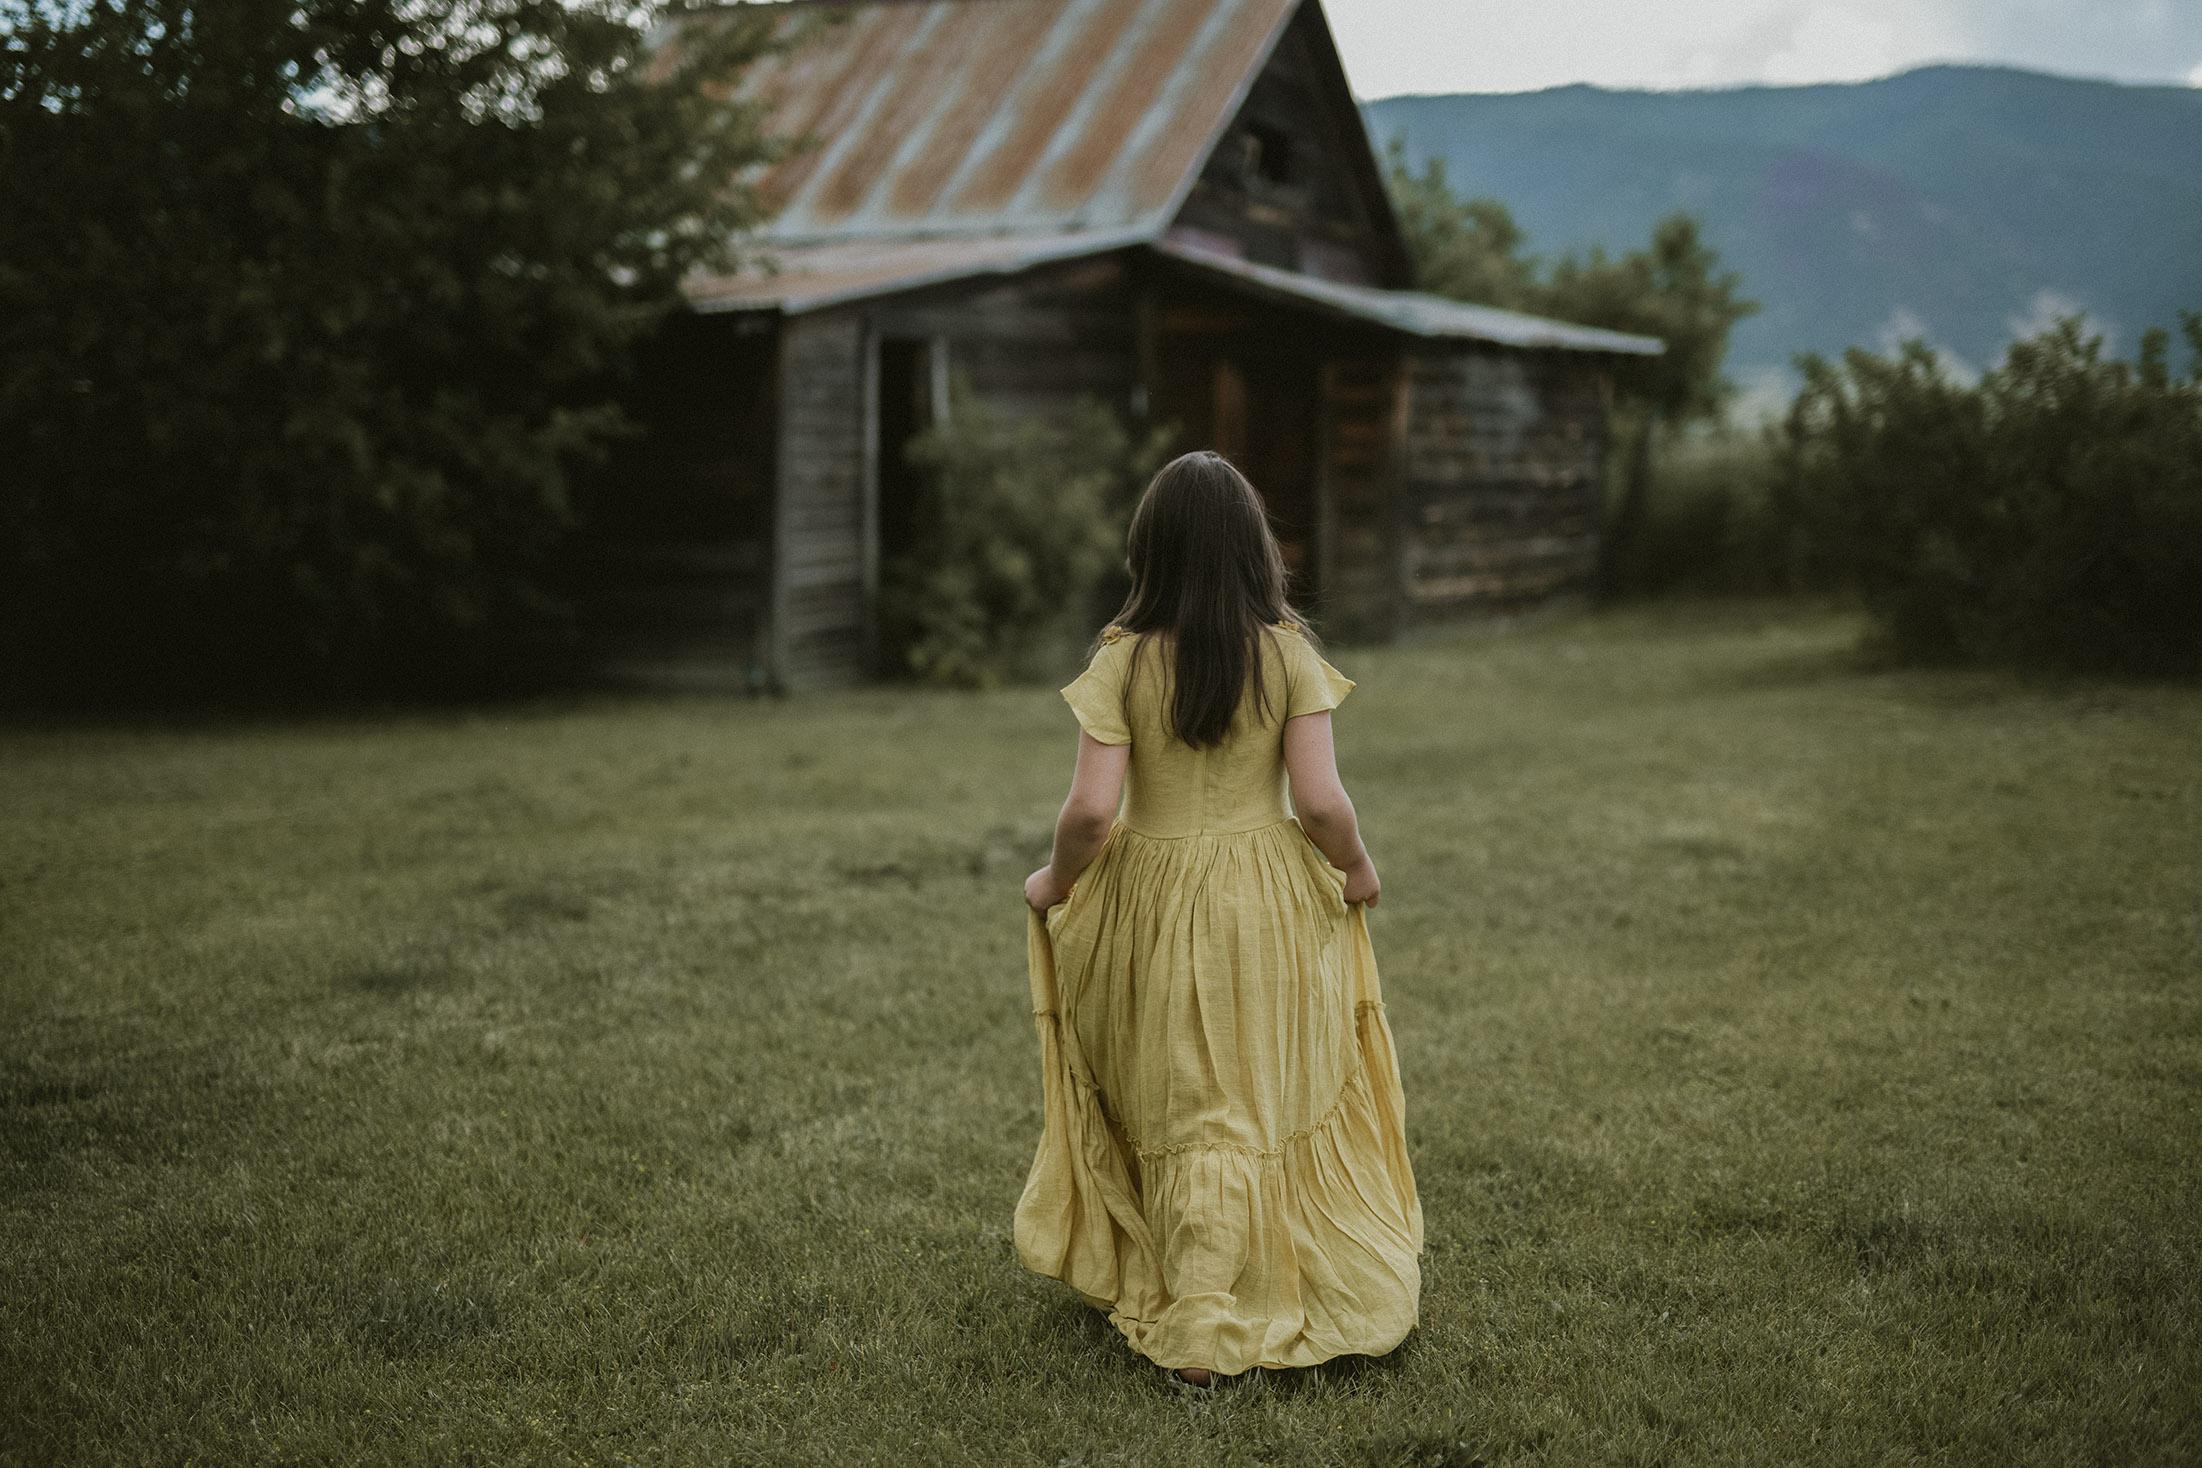 Dress made by Joyfolie